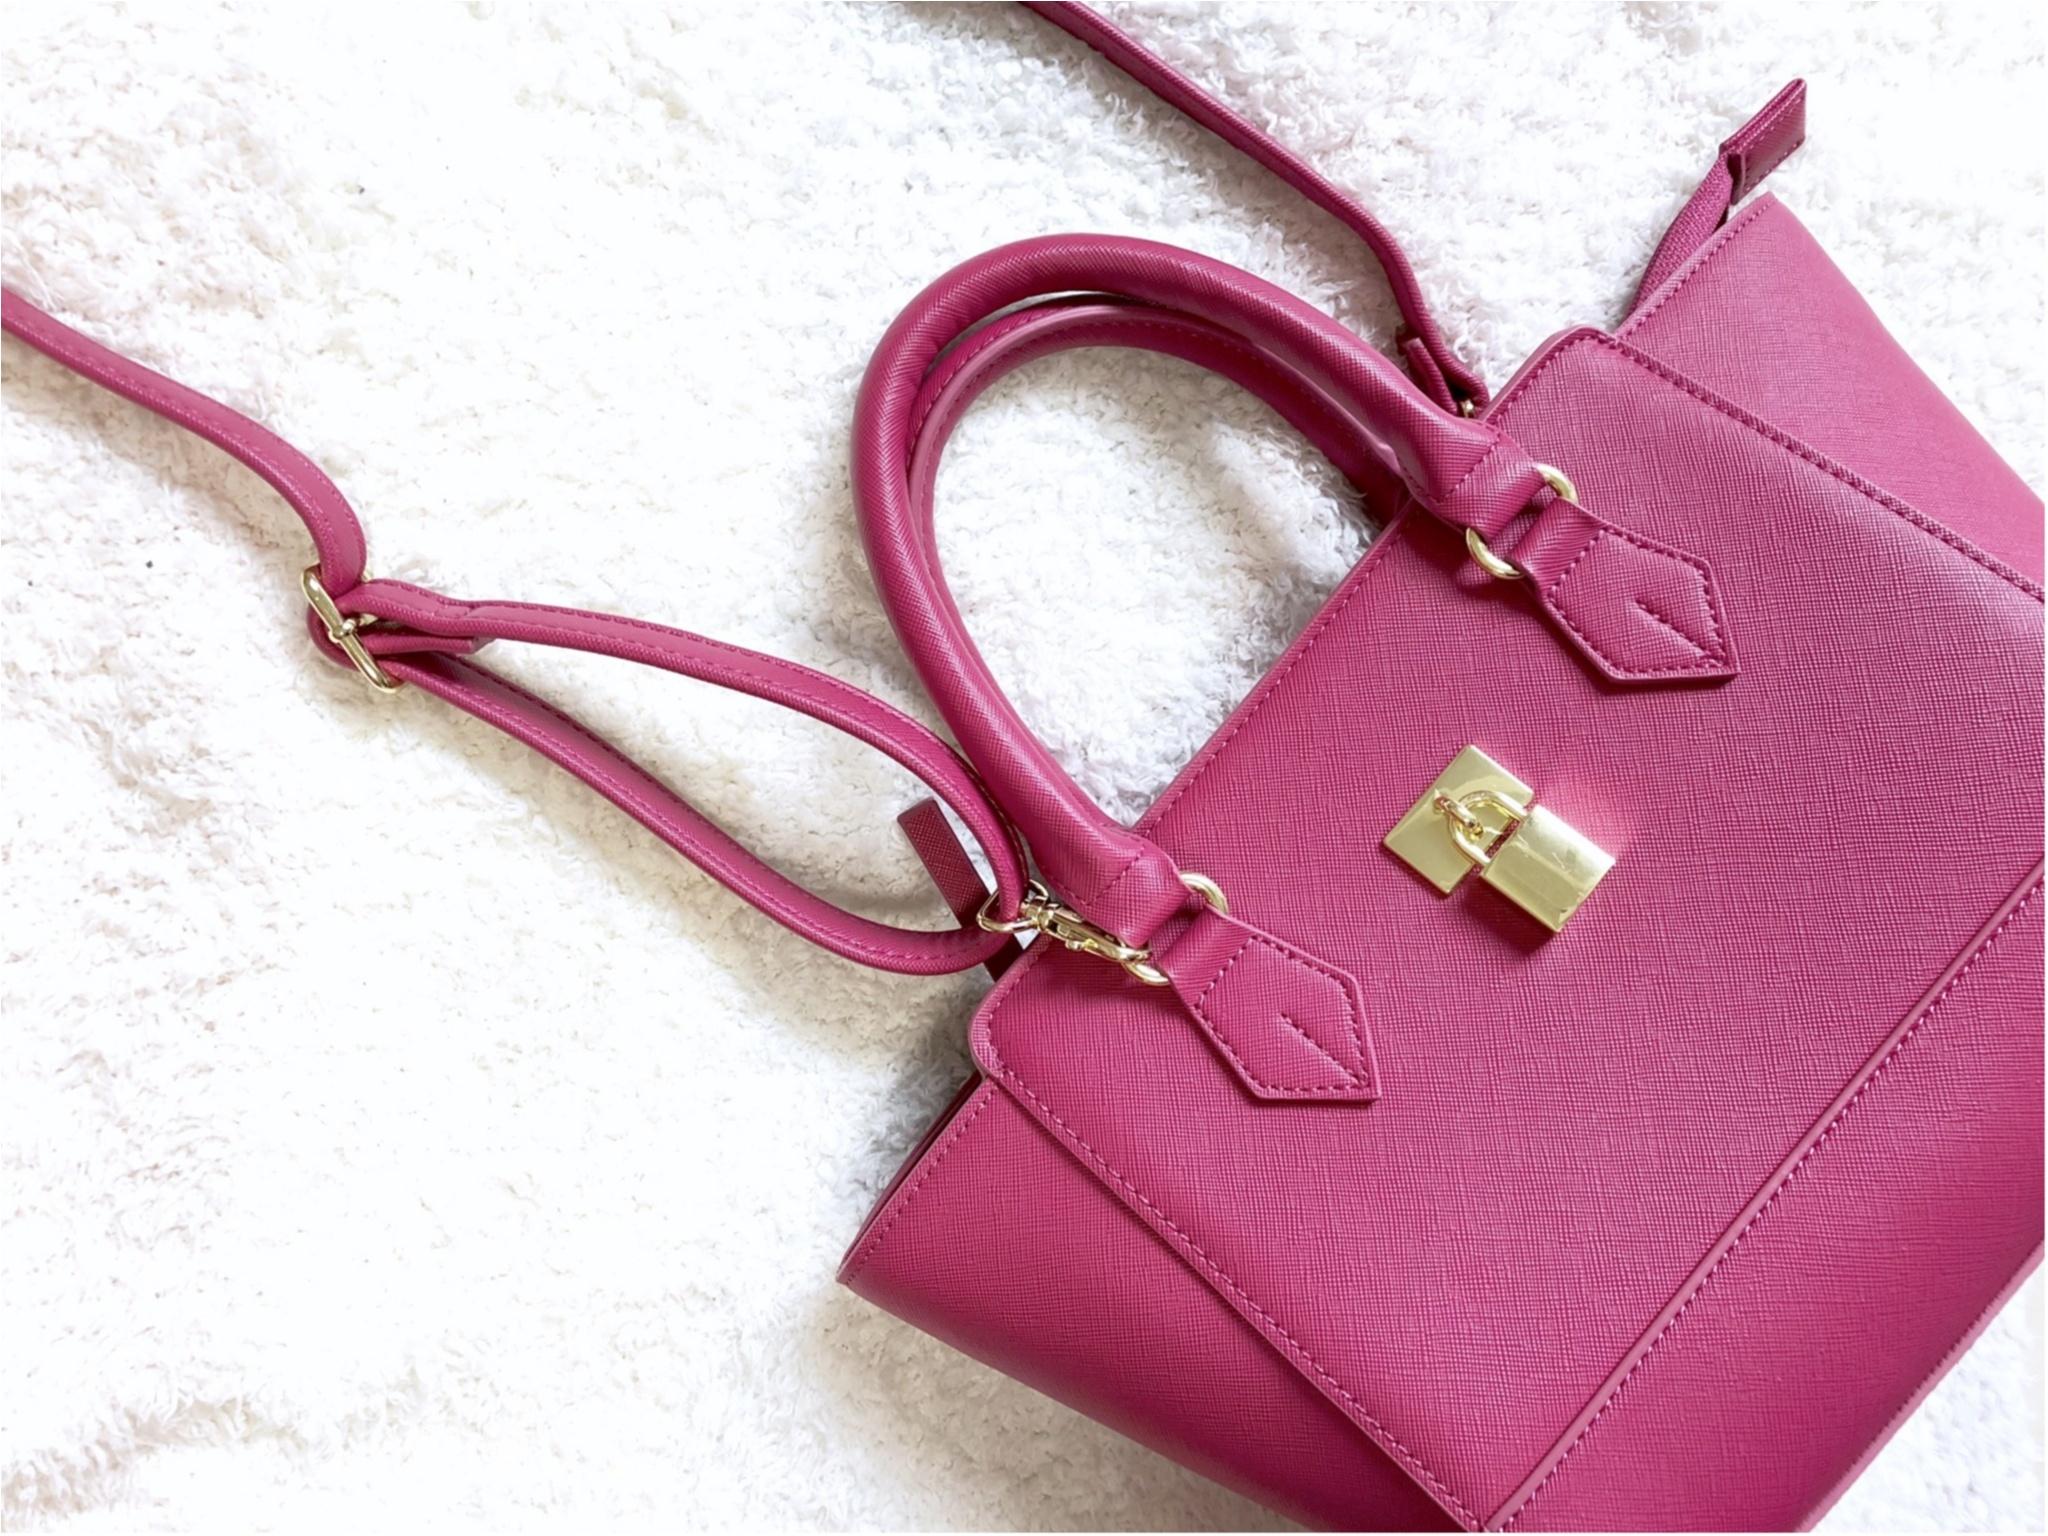 みんなどんなバッグ使ってるの? 憧れブランドもまとめて「愛用バッグ」まとめ♡♡_1_14